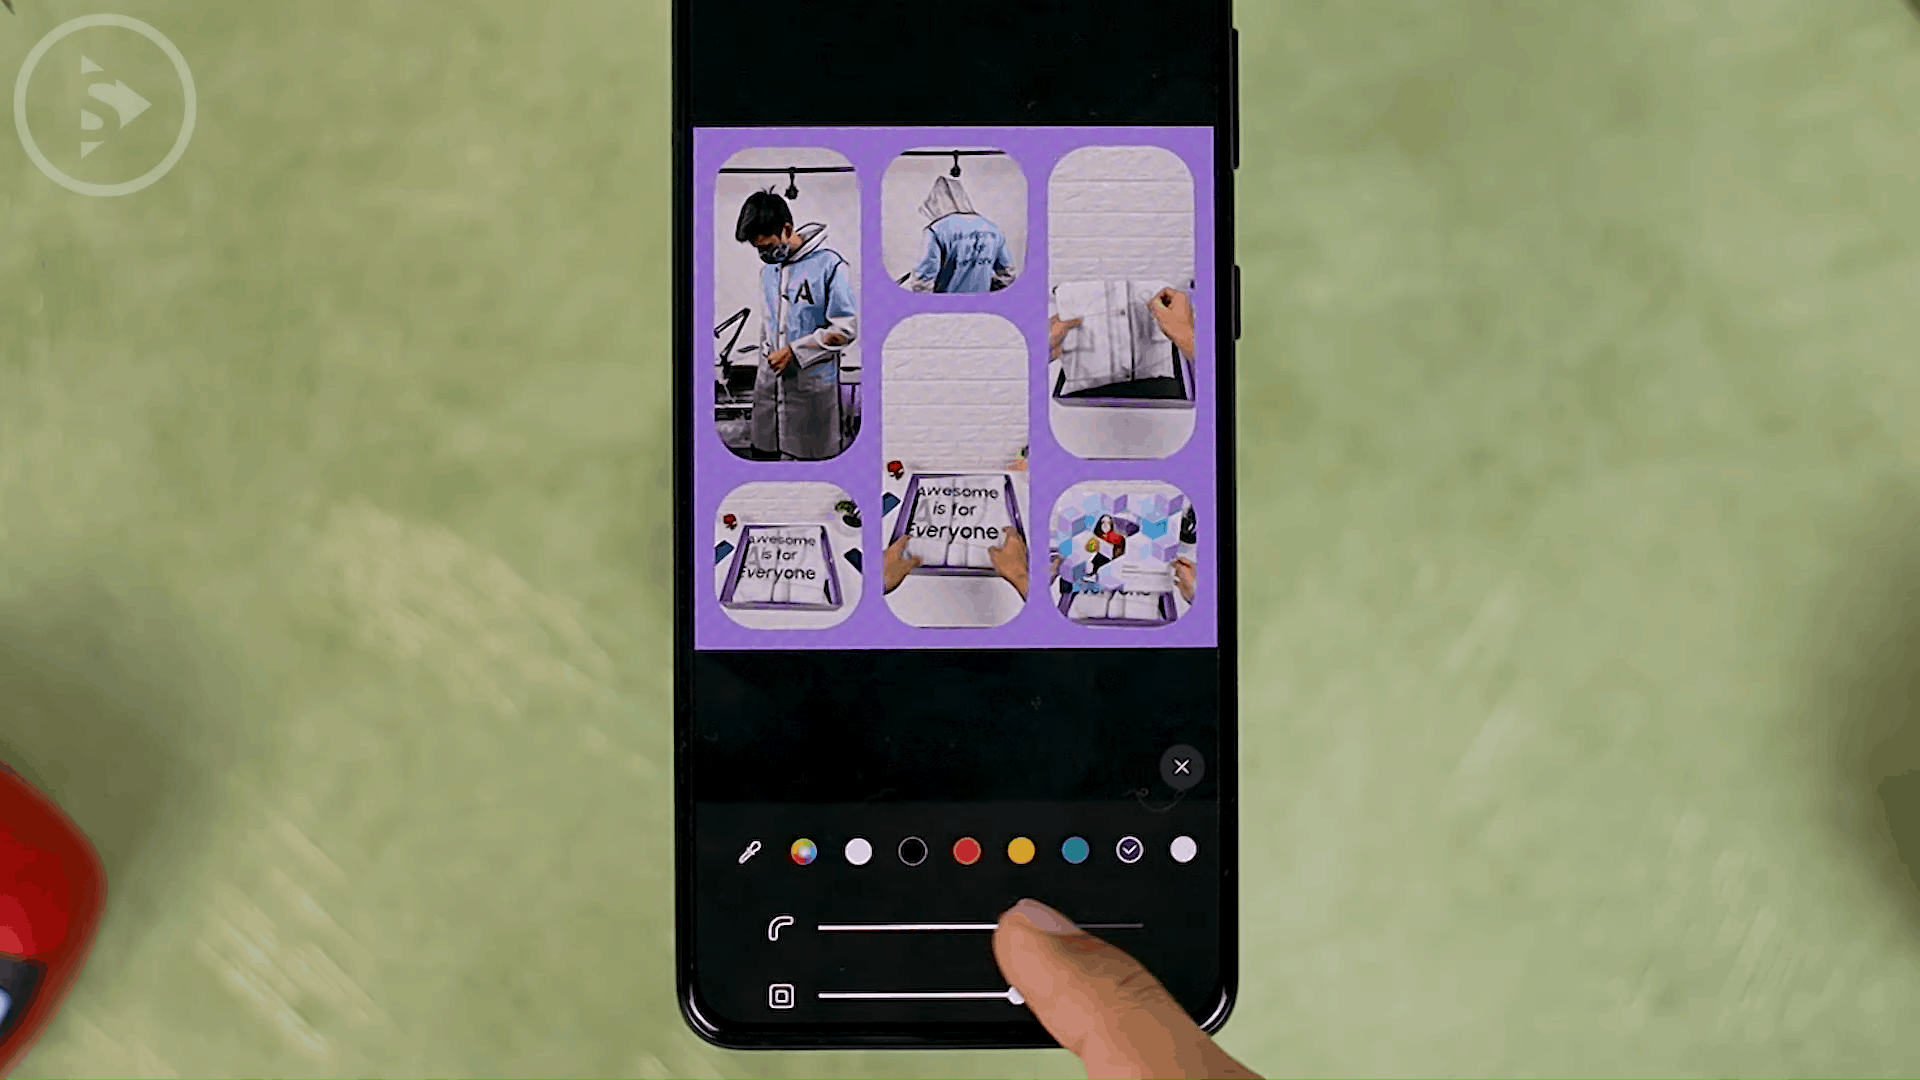 Create Collage - 4 Fitur Terbaru Untuk Edit Foto dan Video di Berbagai Versi One UI Tanpa Perlu Aplikasi Pihak Ketiga